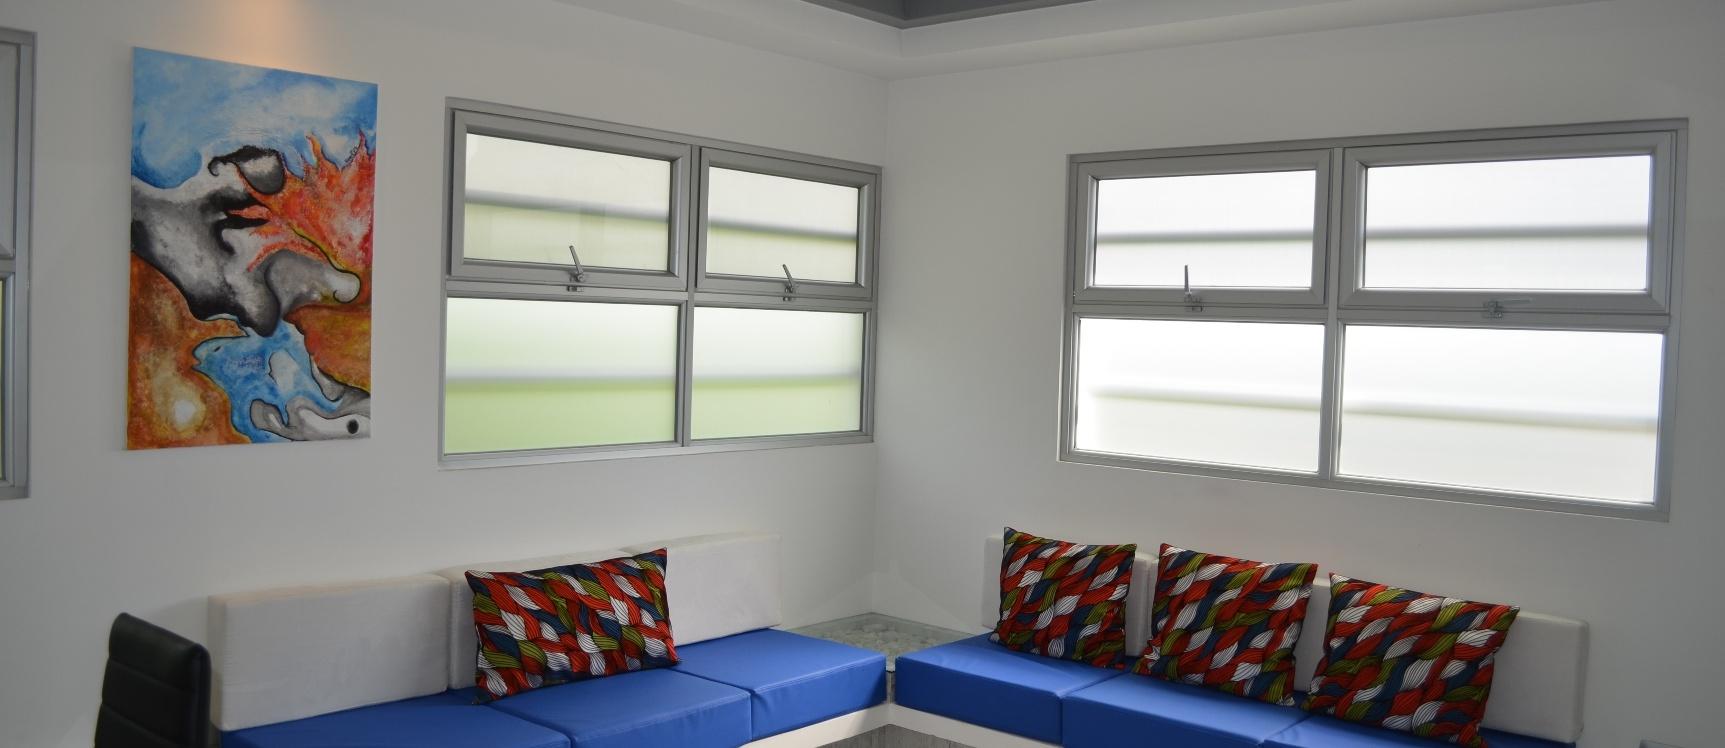 GeoBienes -  Suite en alquiler en Samborondon km 5 Urbanización Casa Blanca - Plusvalia Guayaquil Casas de venta y alquiler Inmobiliaria Ecuador